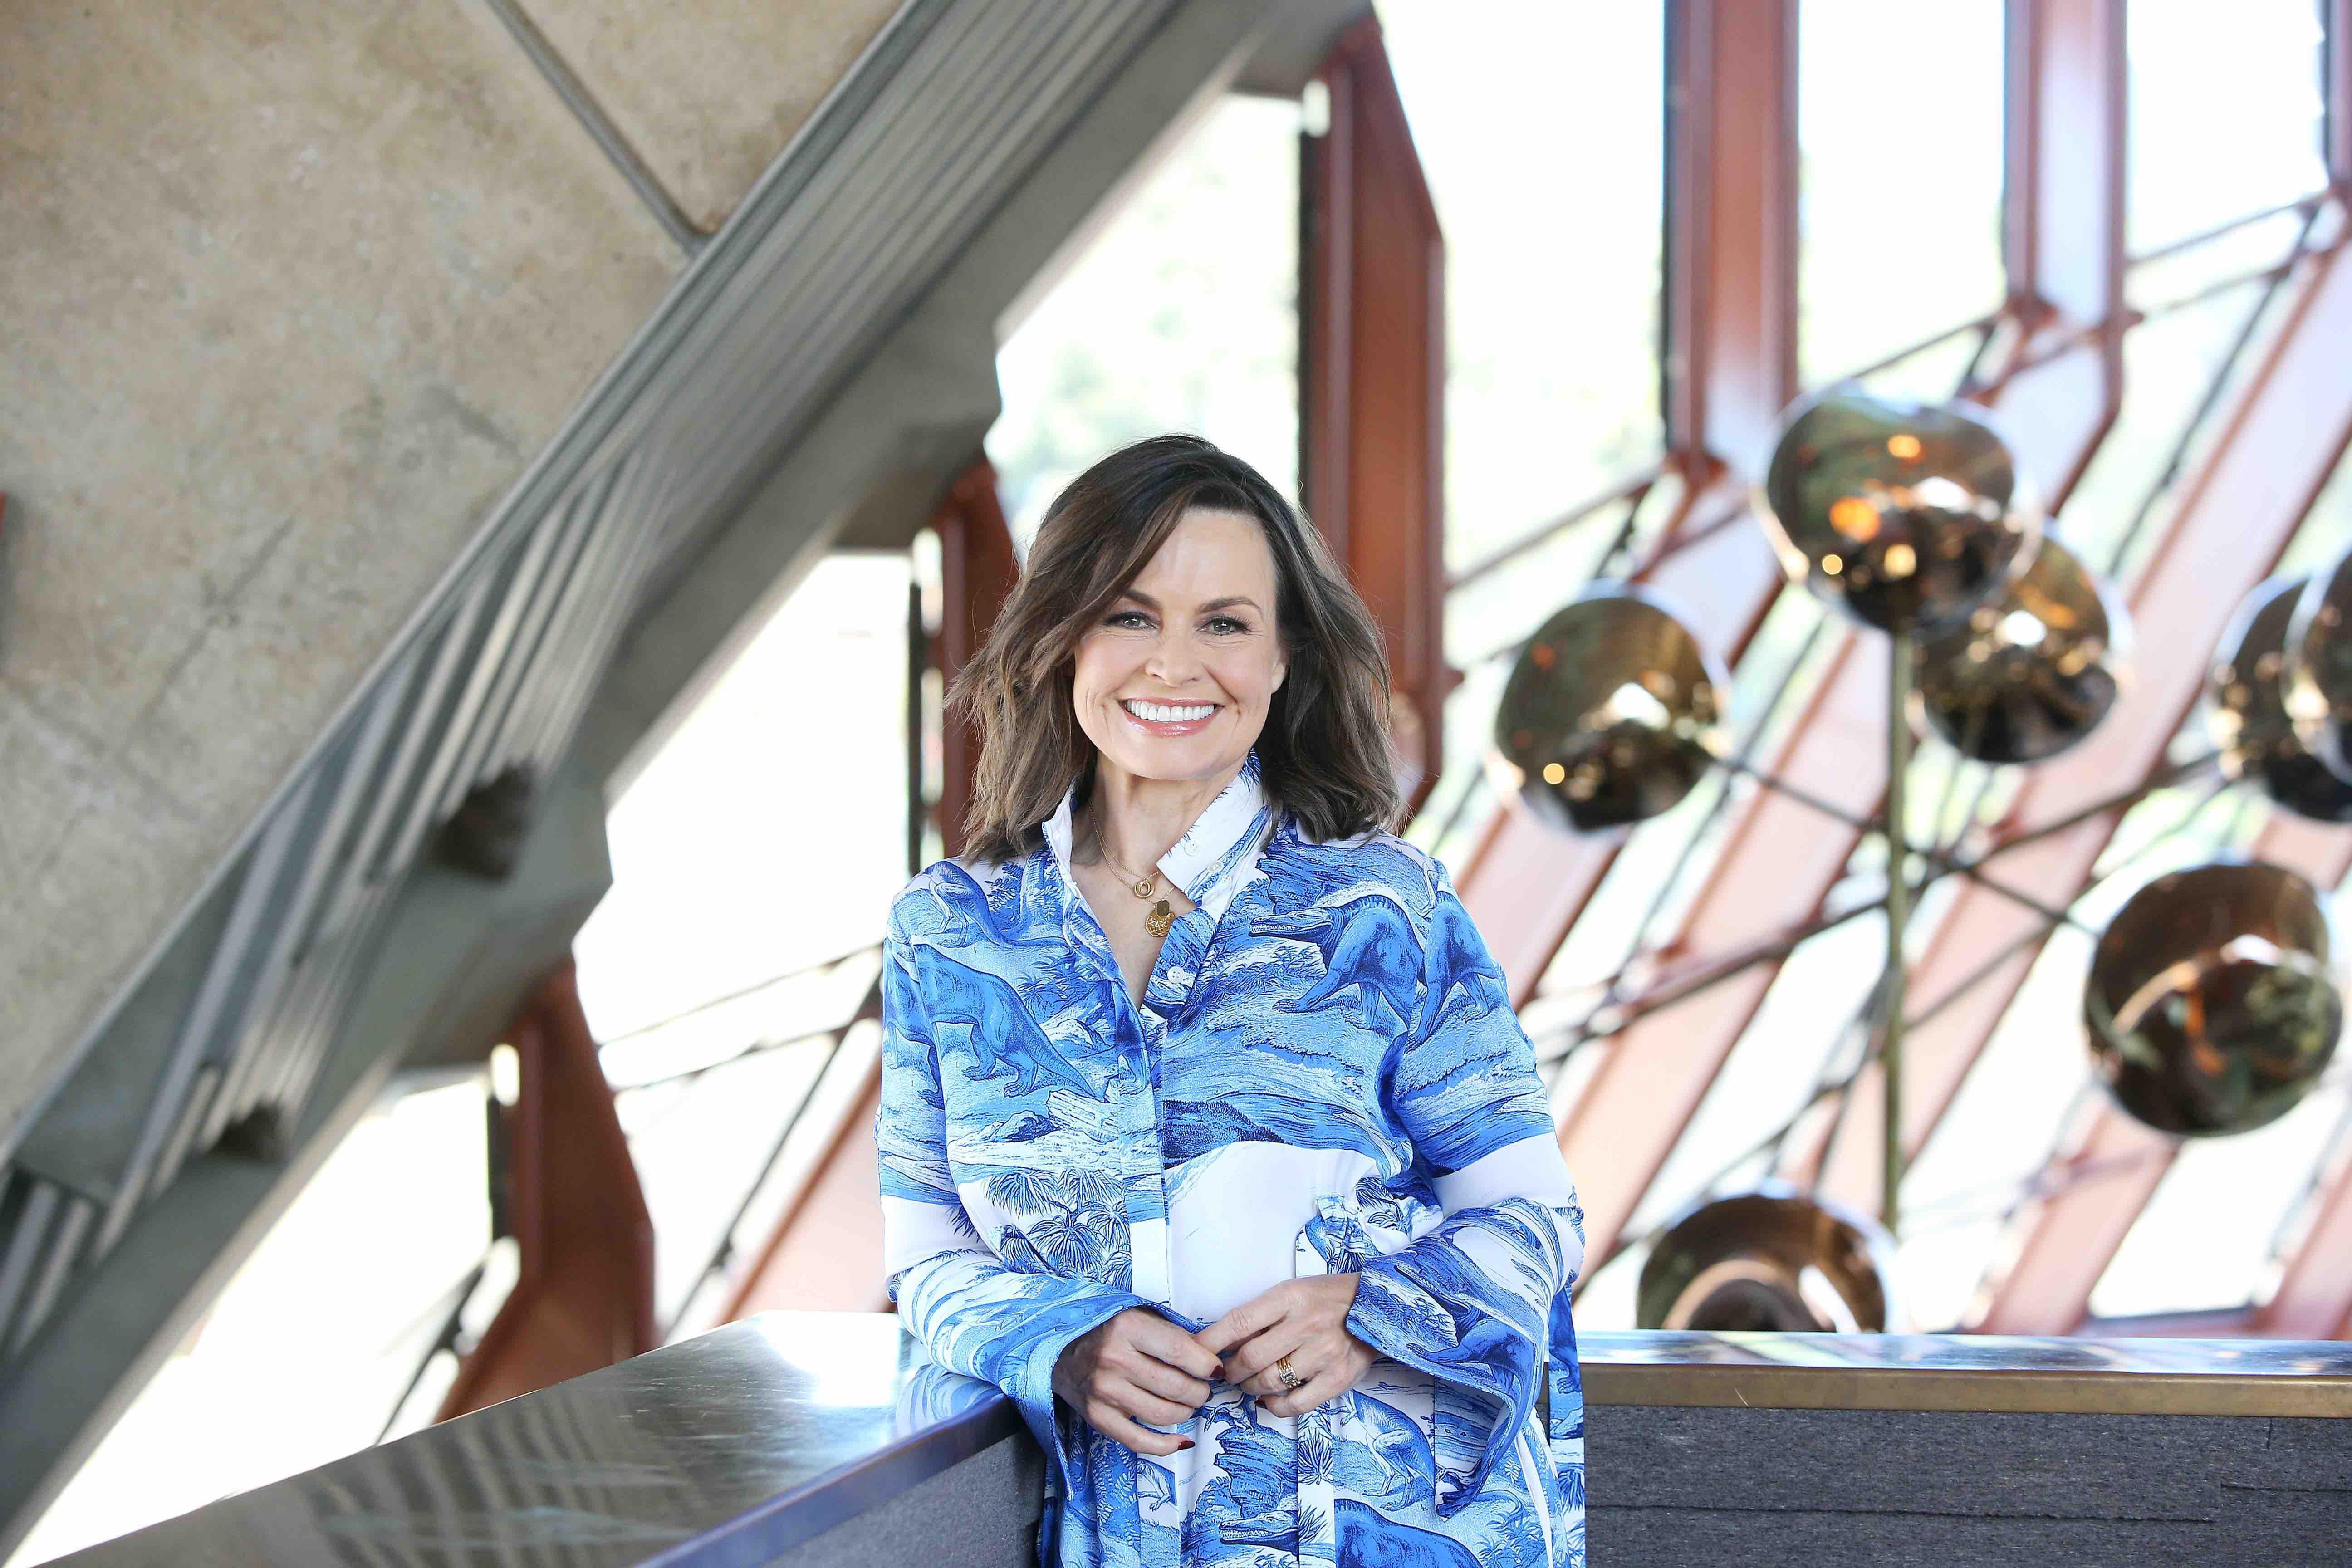 SYDNEY, AUSTRALIA - SEPTEMBER 11: Lisa Wilkinson attends the Women of The Future Awards on September 11, 2019 in Sydney, Australia. (Photo by Lisa Maree Williams/Getty Images)